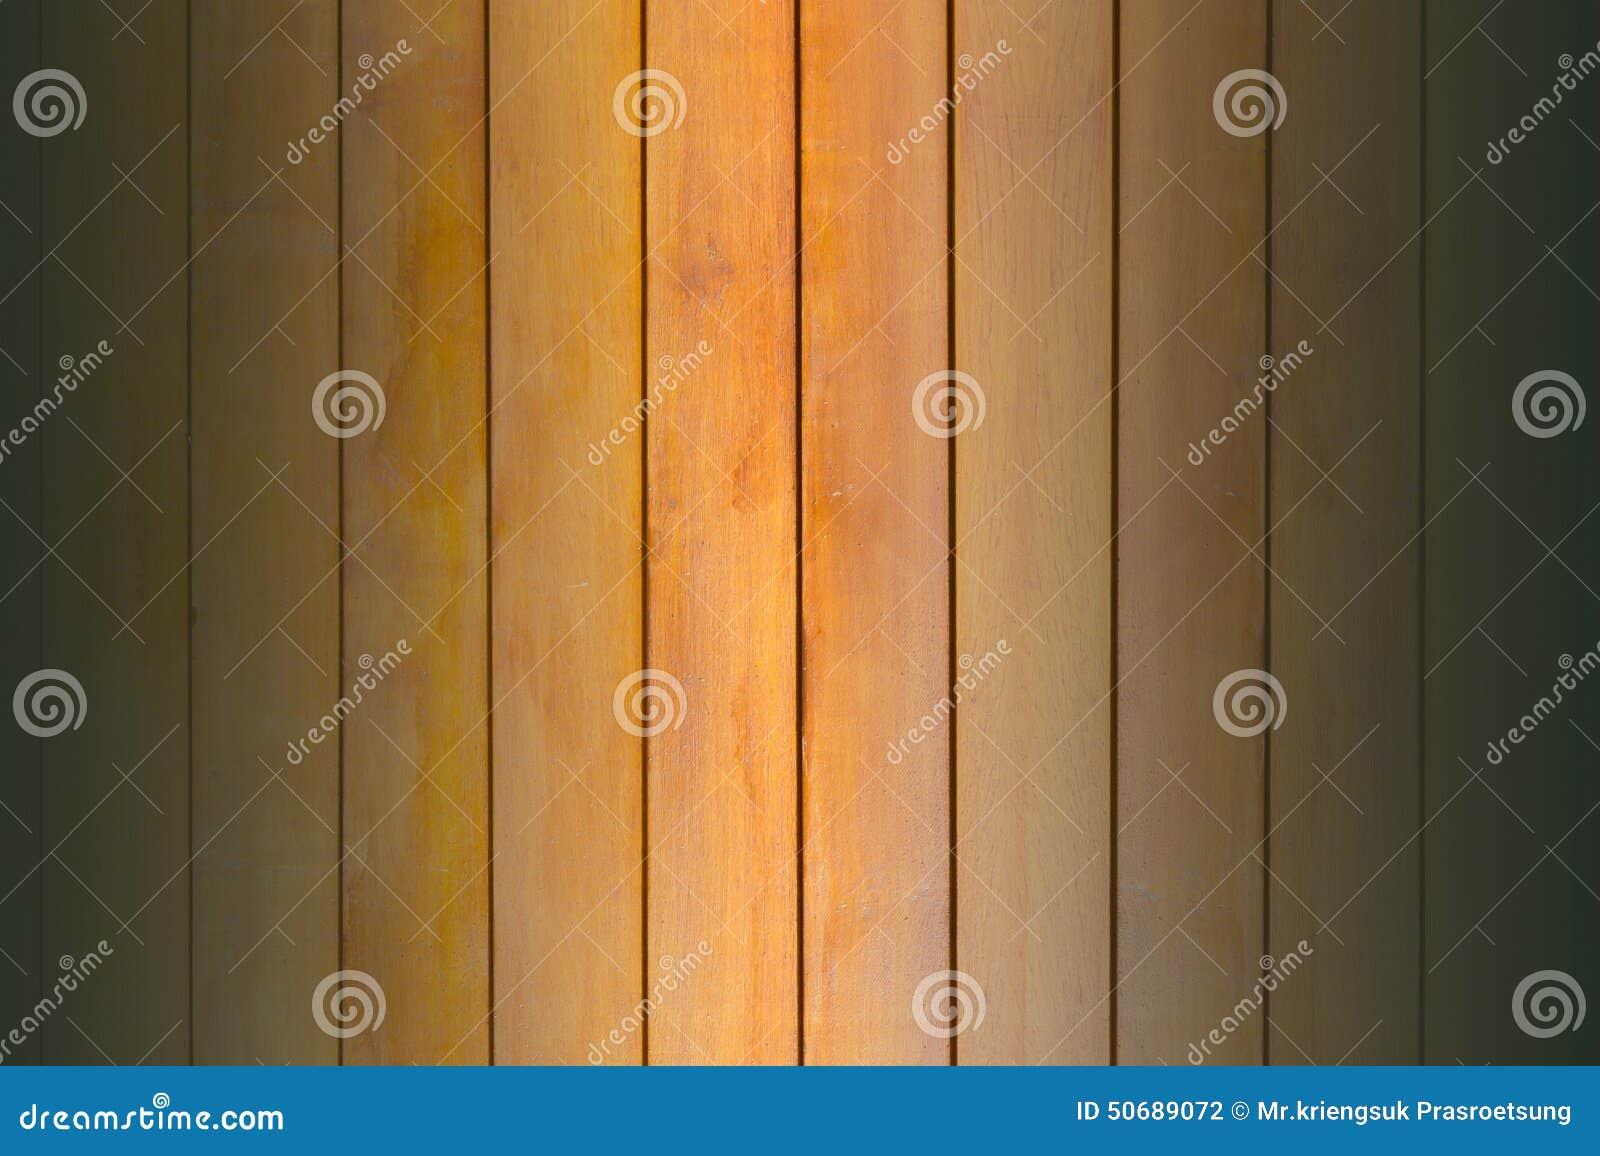 Download 木背景 库存照片. 图片 包括有 背包, 墙纸, 背包徒步旅行者, 季节, 坦率, 干燥, 墙壁, 木材 - 50689072